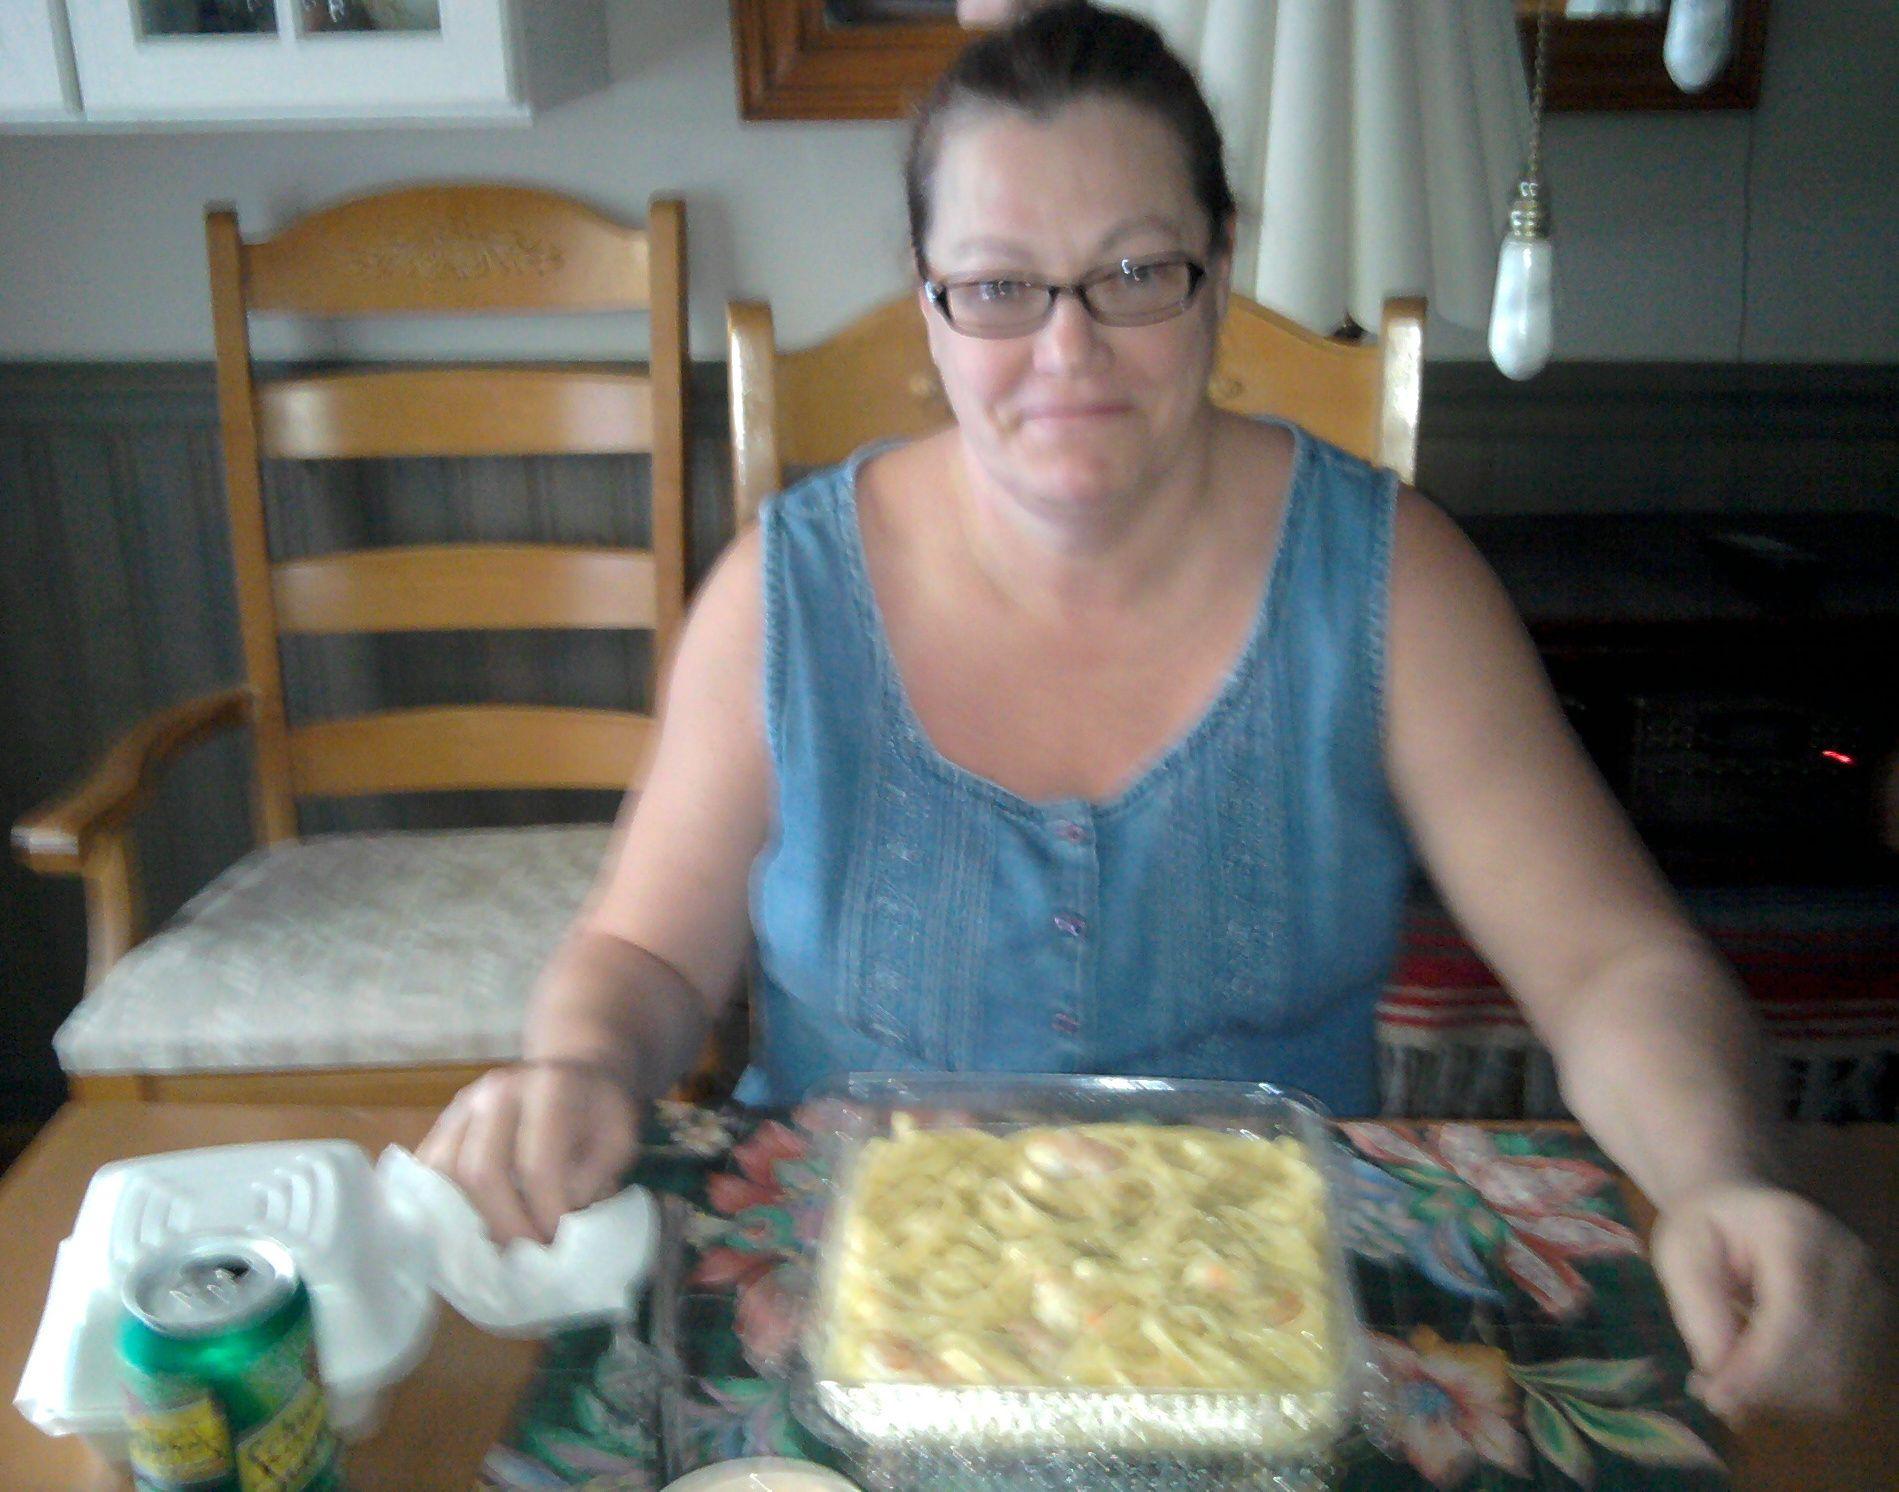 Sis @Arlene Ballard Enjoying Her Dinner From Bay Breeze Seafood Restaurant 1830 Asheville Hwy. Hendersonville, NC 28793 Tel: 828-697-7106